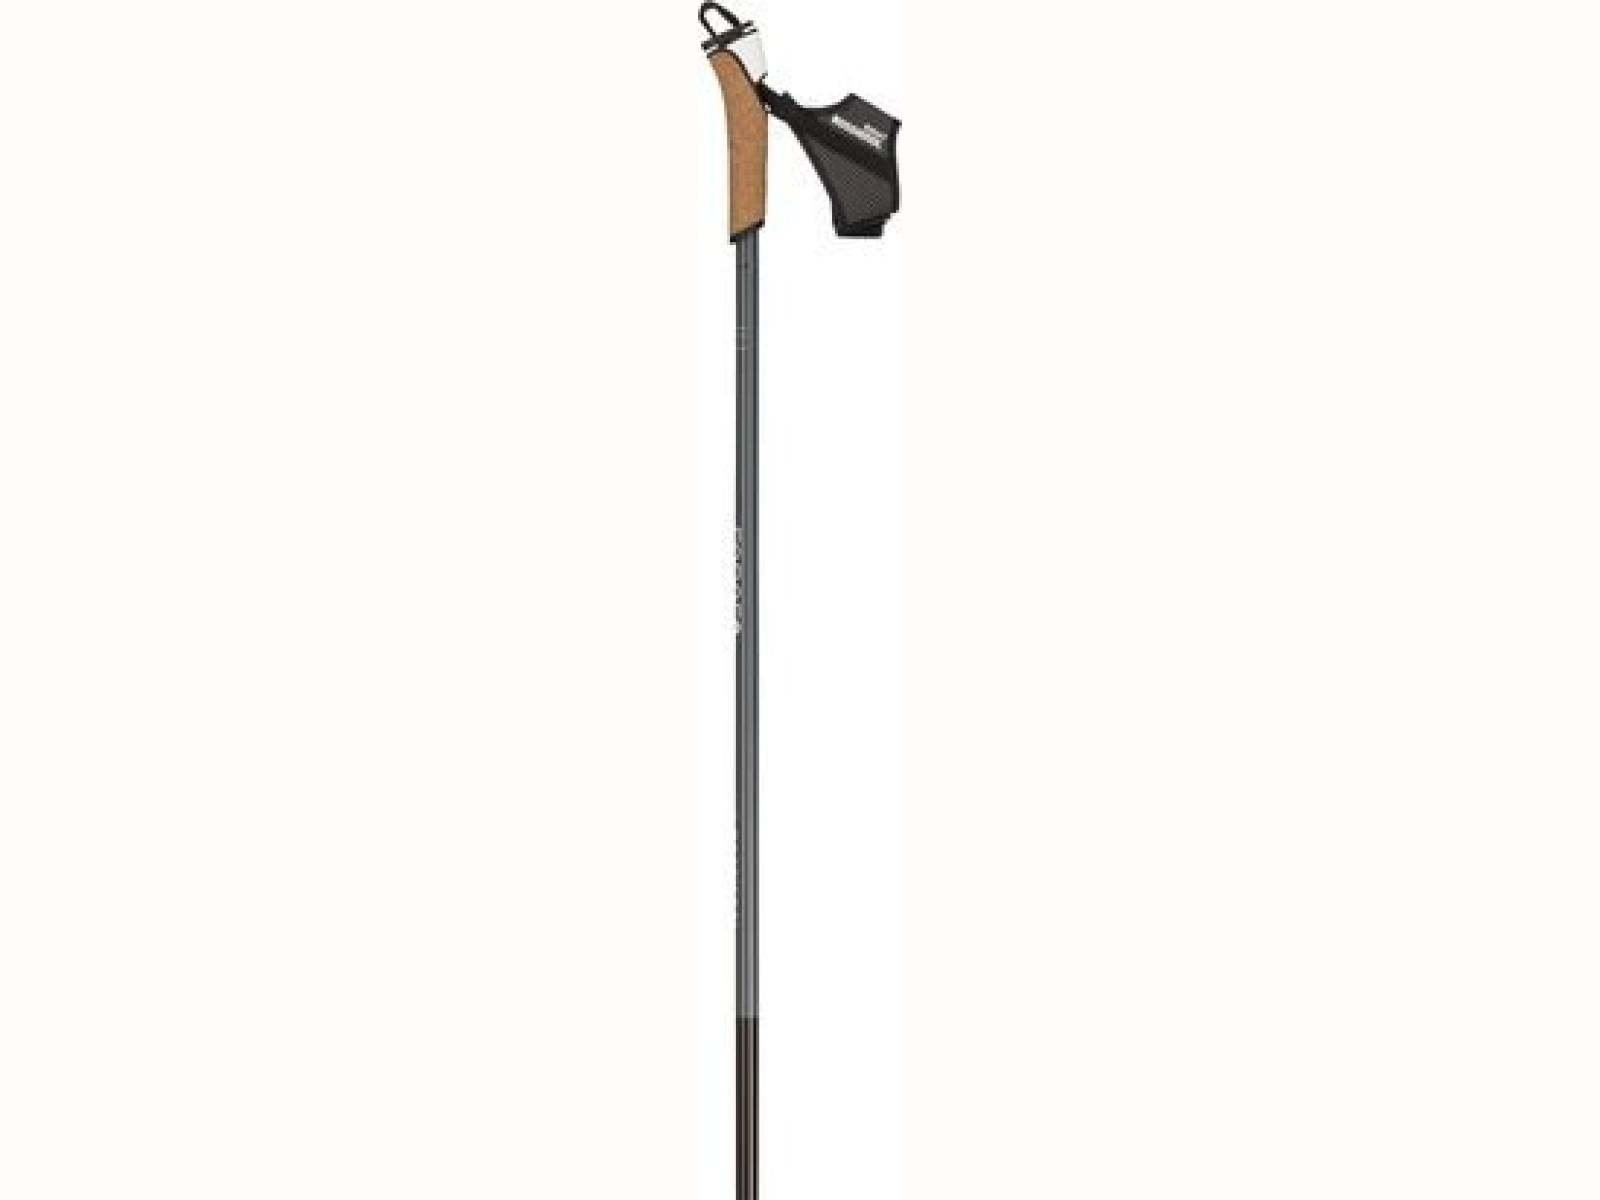 Rossignol Force 3 Délka holí: 145 cm 2019/2020